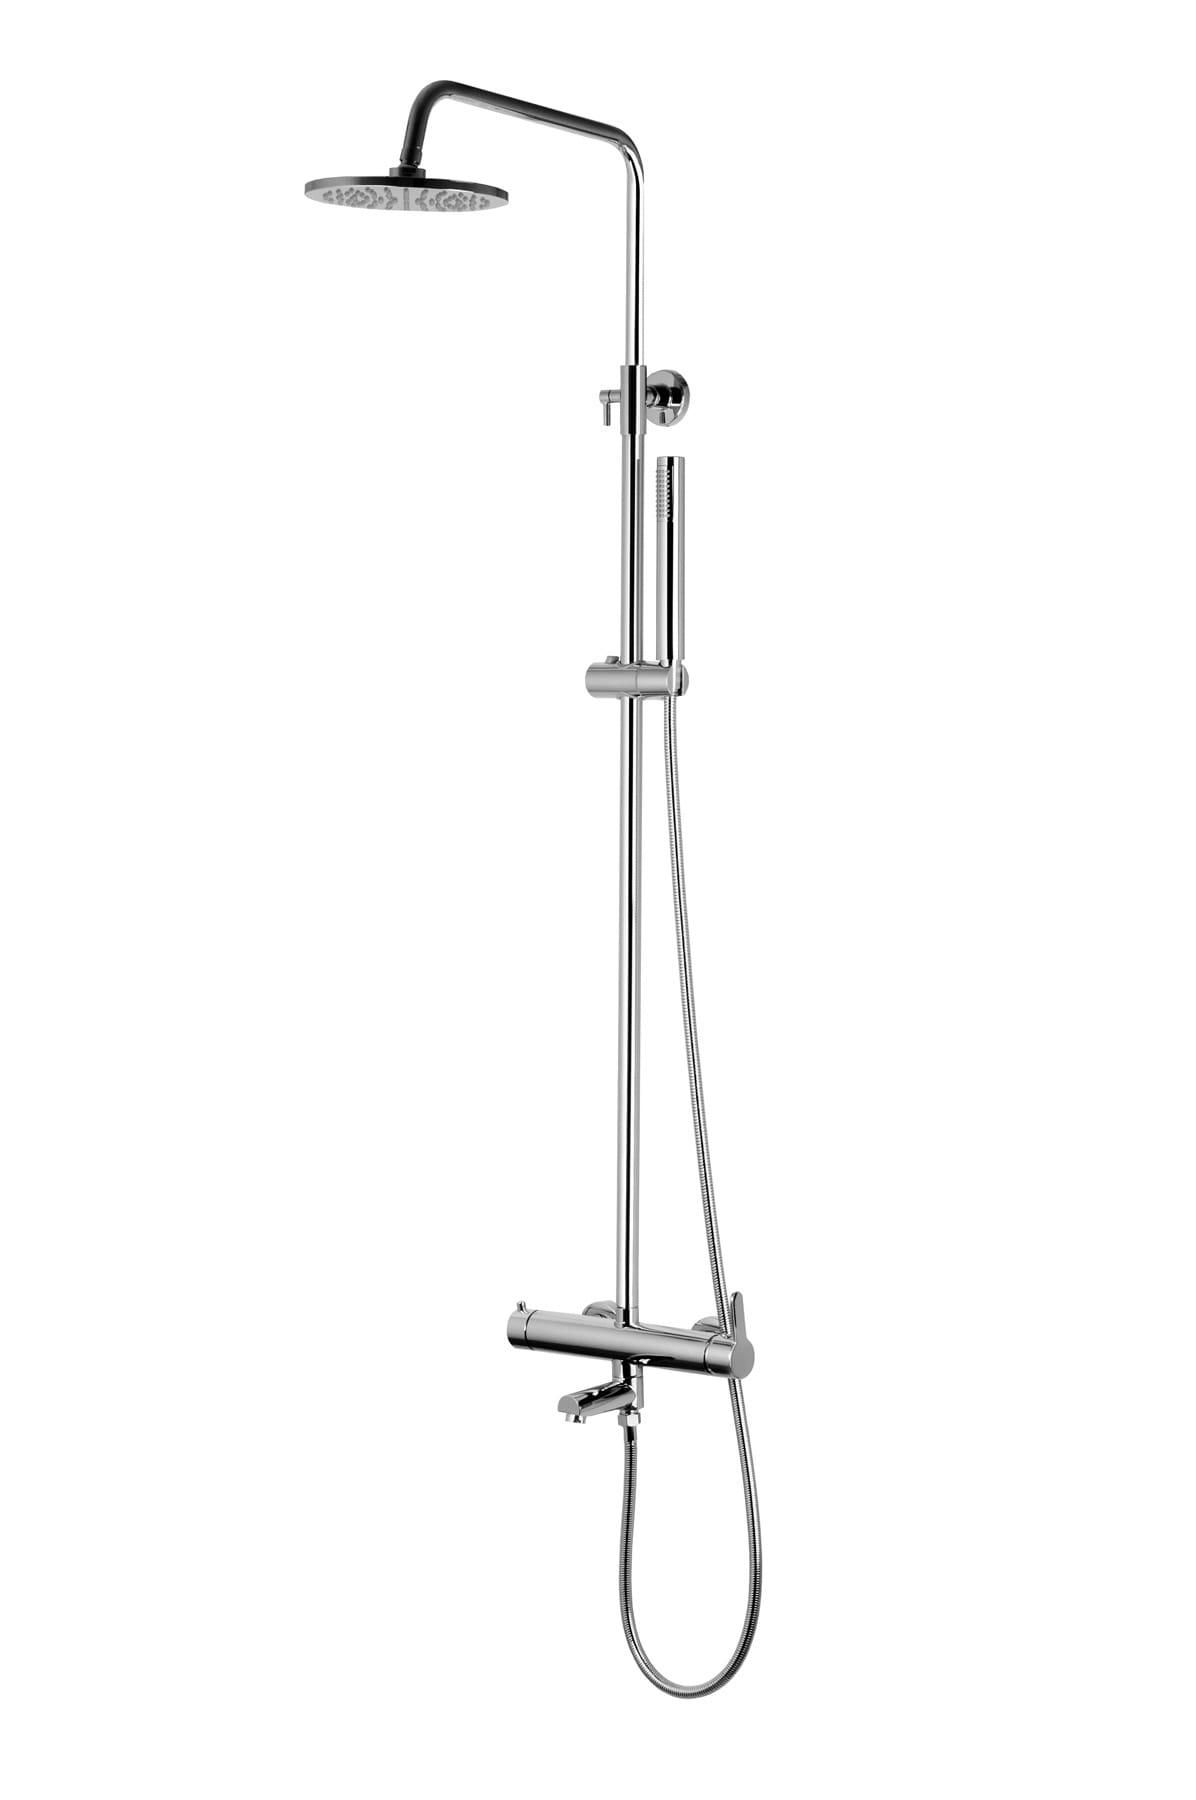 Corsan kolumna prysznicowa mieszaczowa regulowana Lugo chrom CMN014